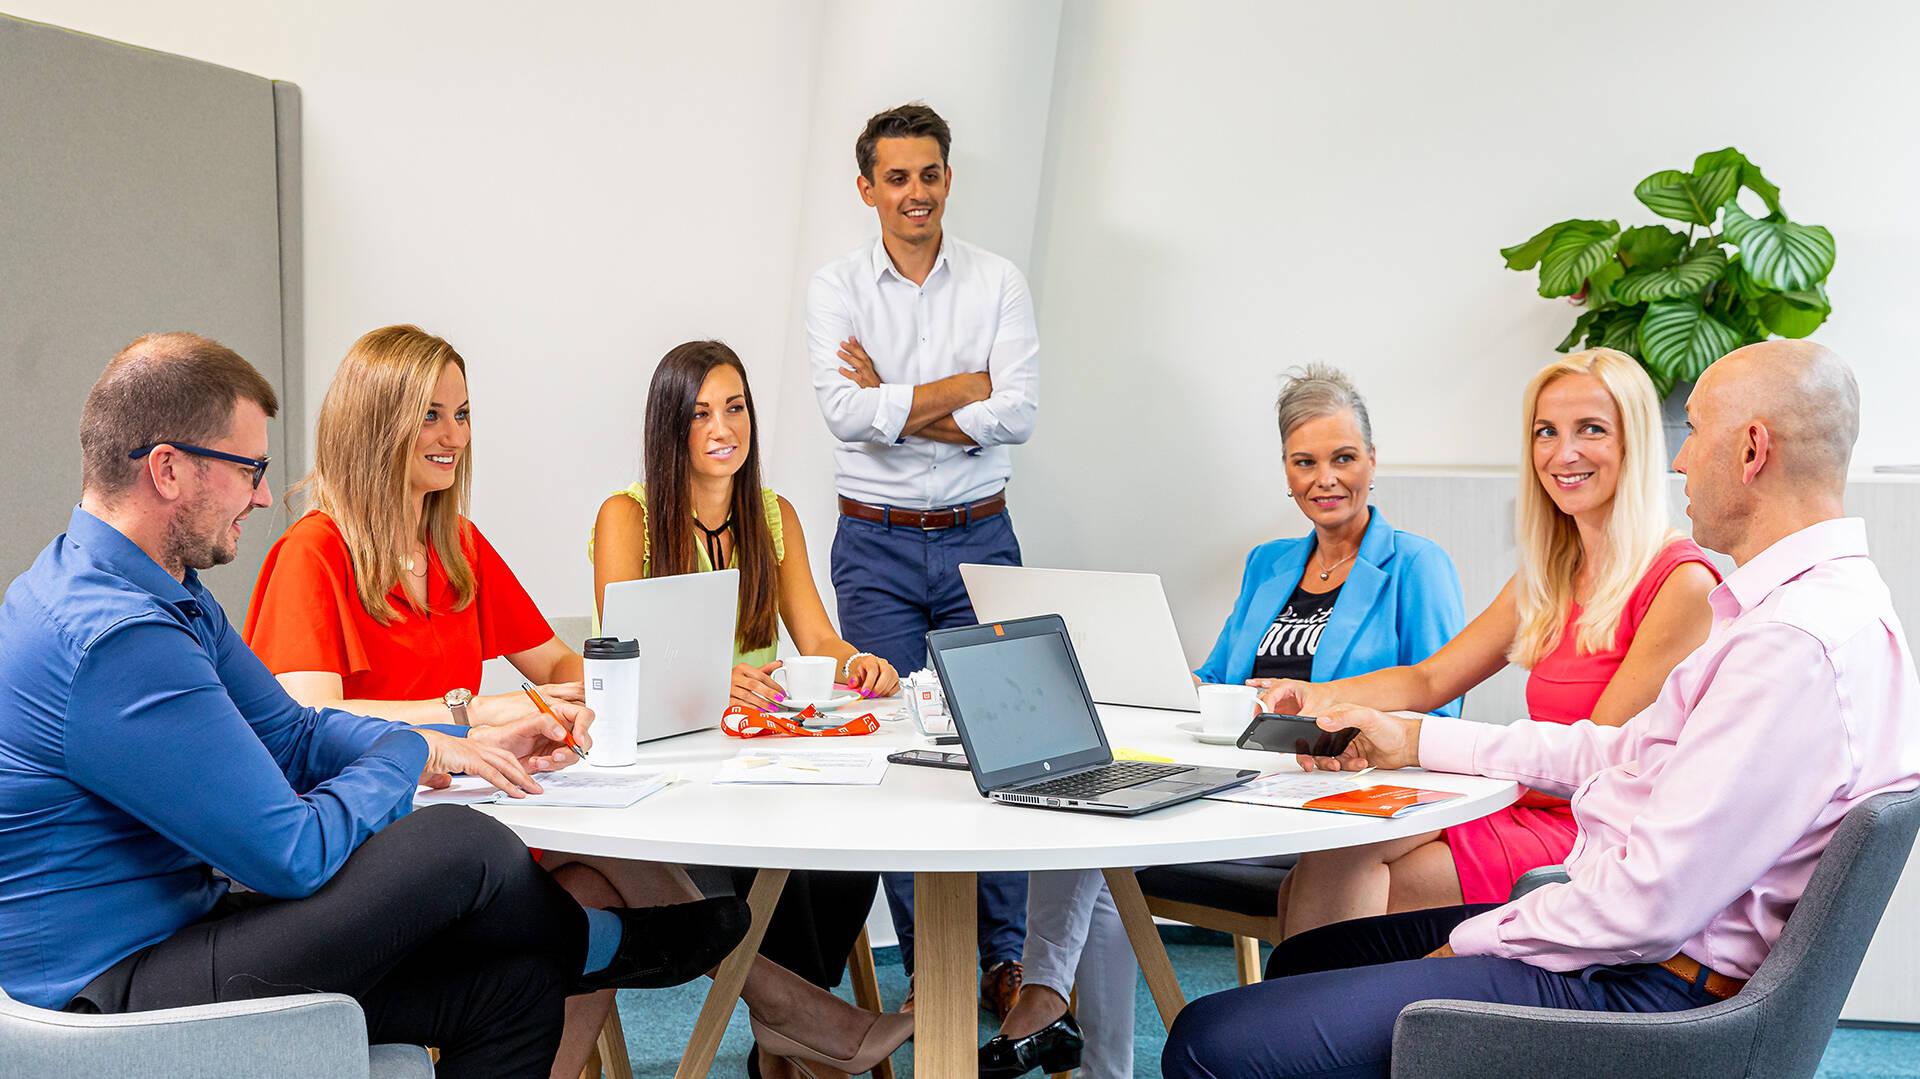 Máme týmy složené ze zkušených expertů i absolventů, mužů i žen